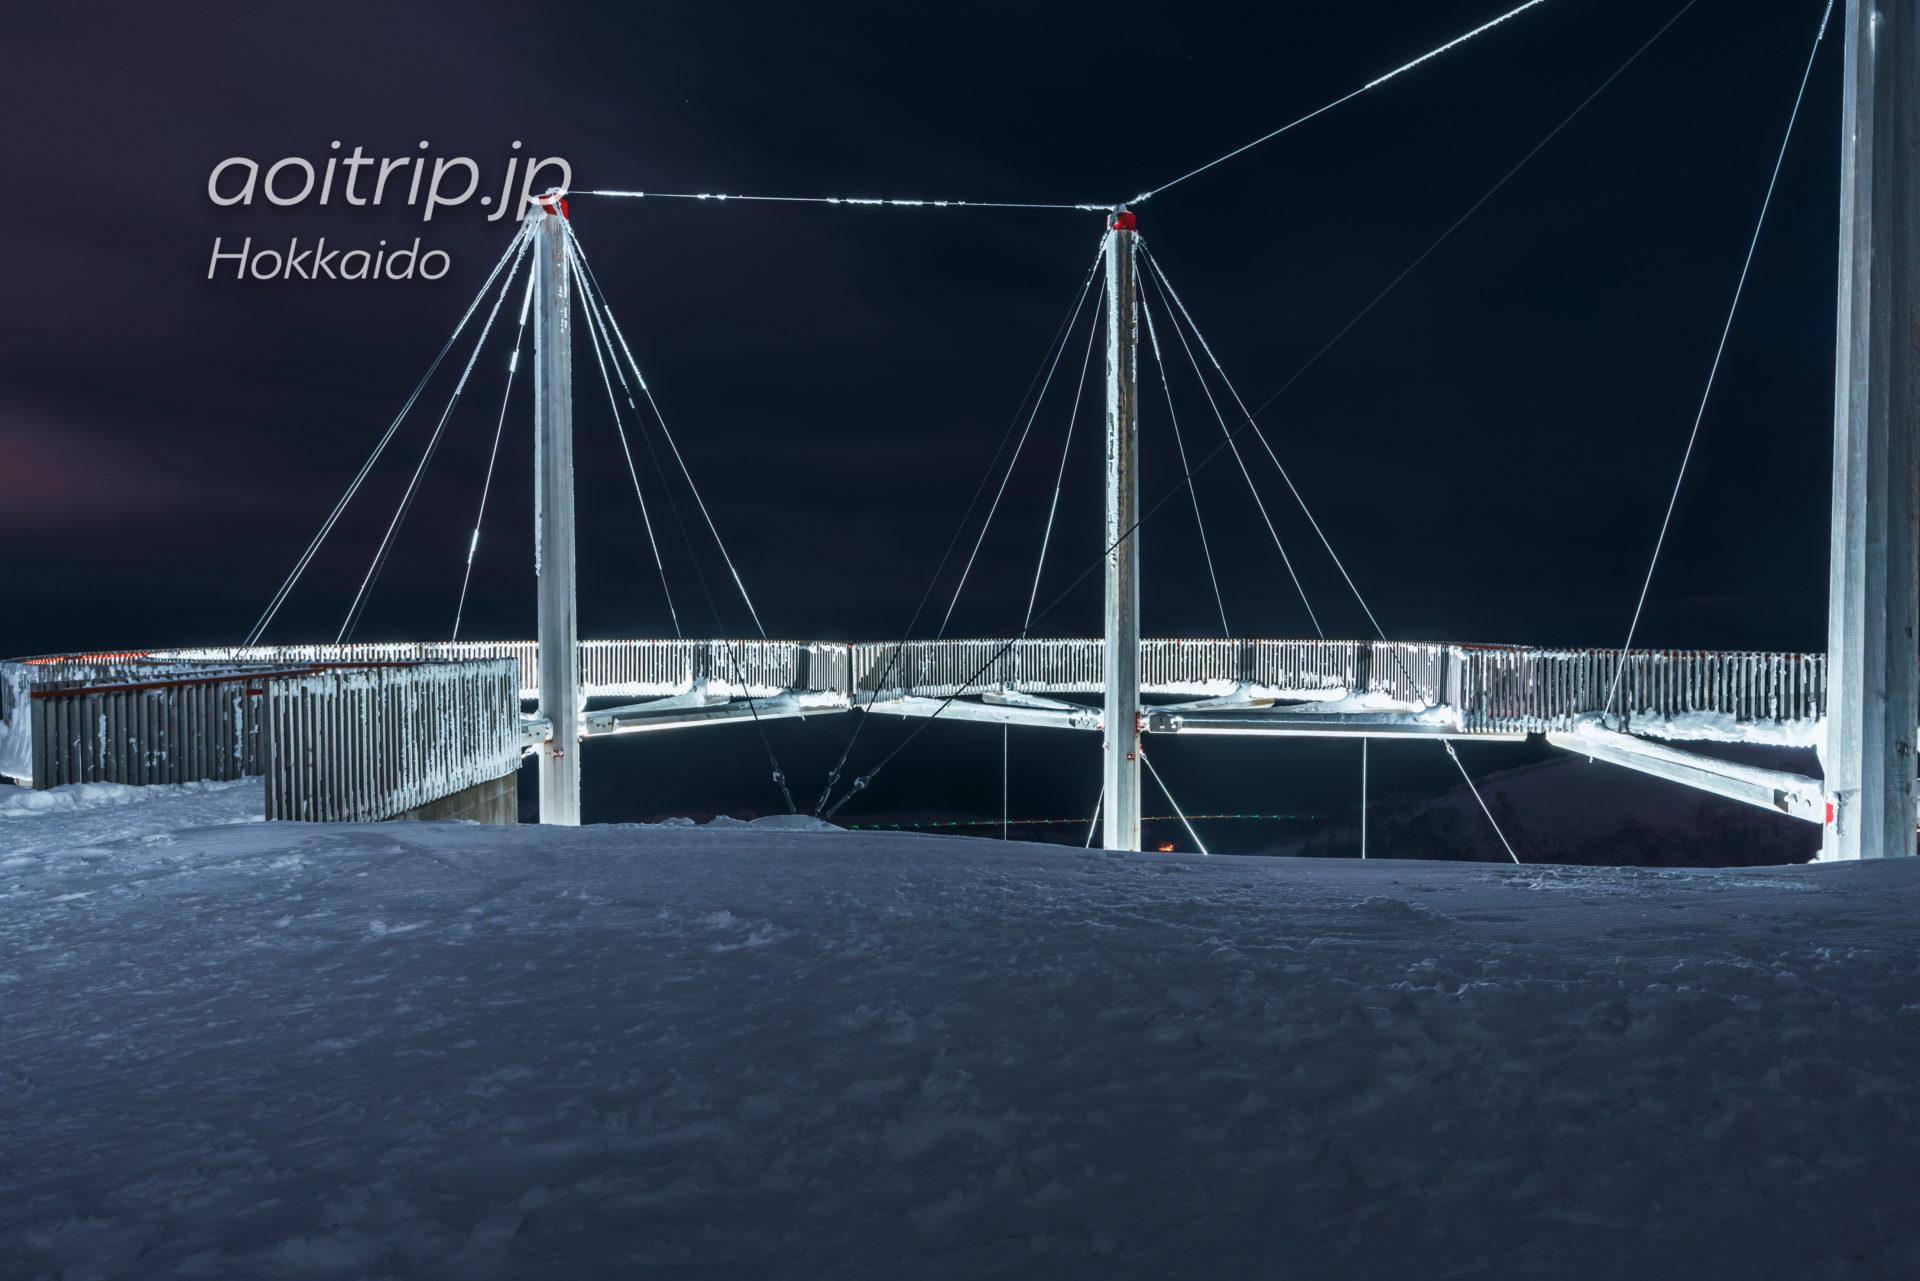 夜の霧氷テラスライトアップ クラウドウォーク